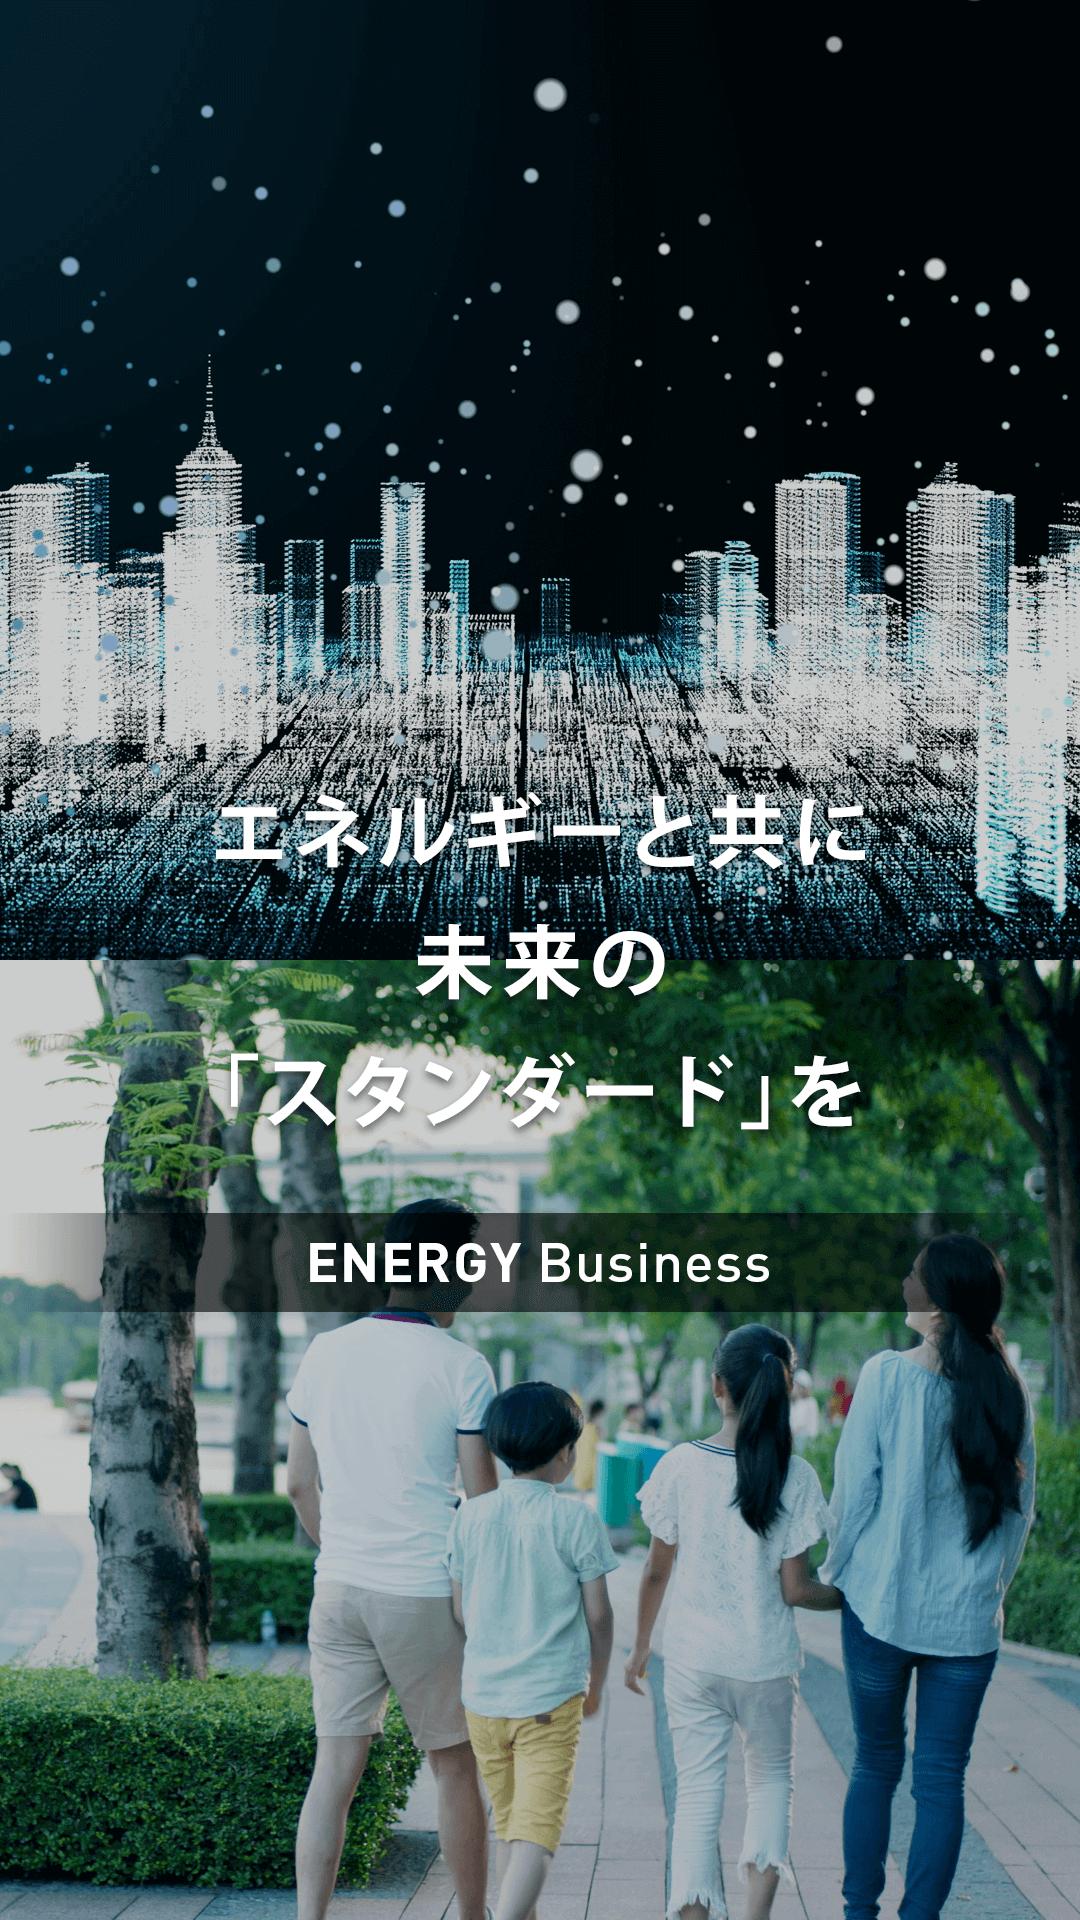 エネルギーと共に未来のスタンダードを